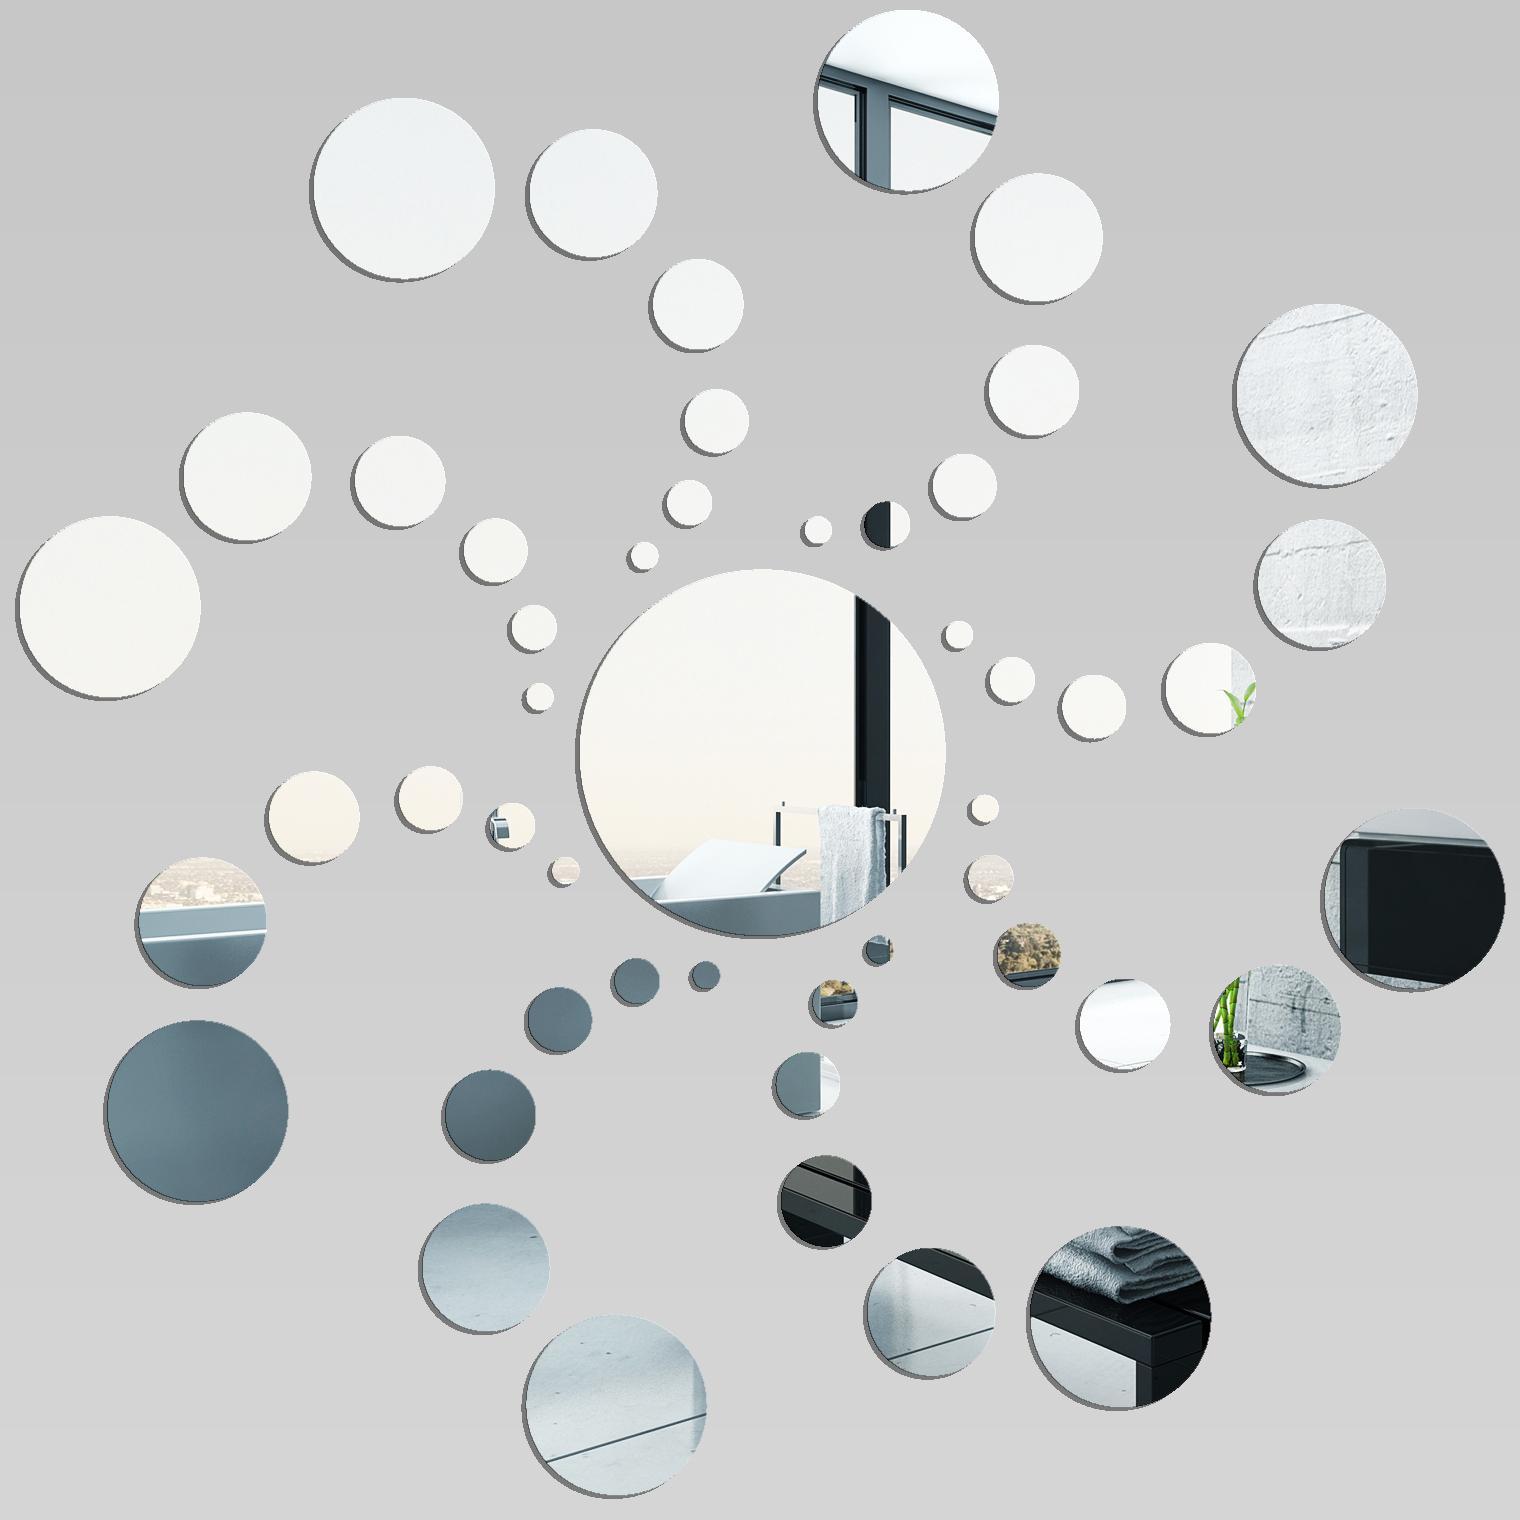 Miroir plexiglass acrylique soleil 3 pas cher for Miroir soleil rotin pas cher